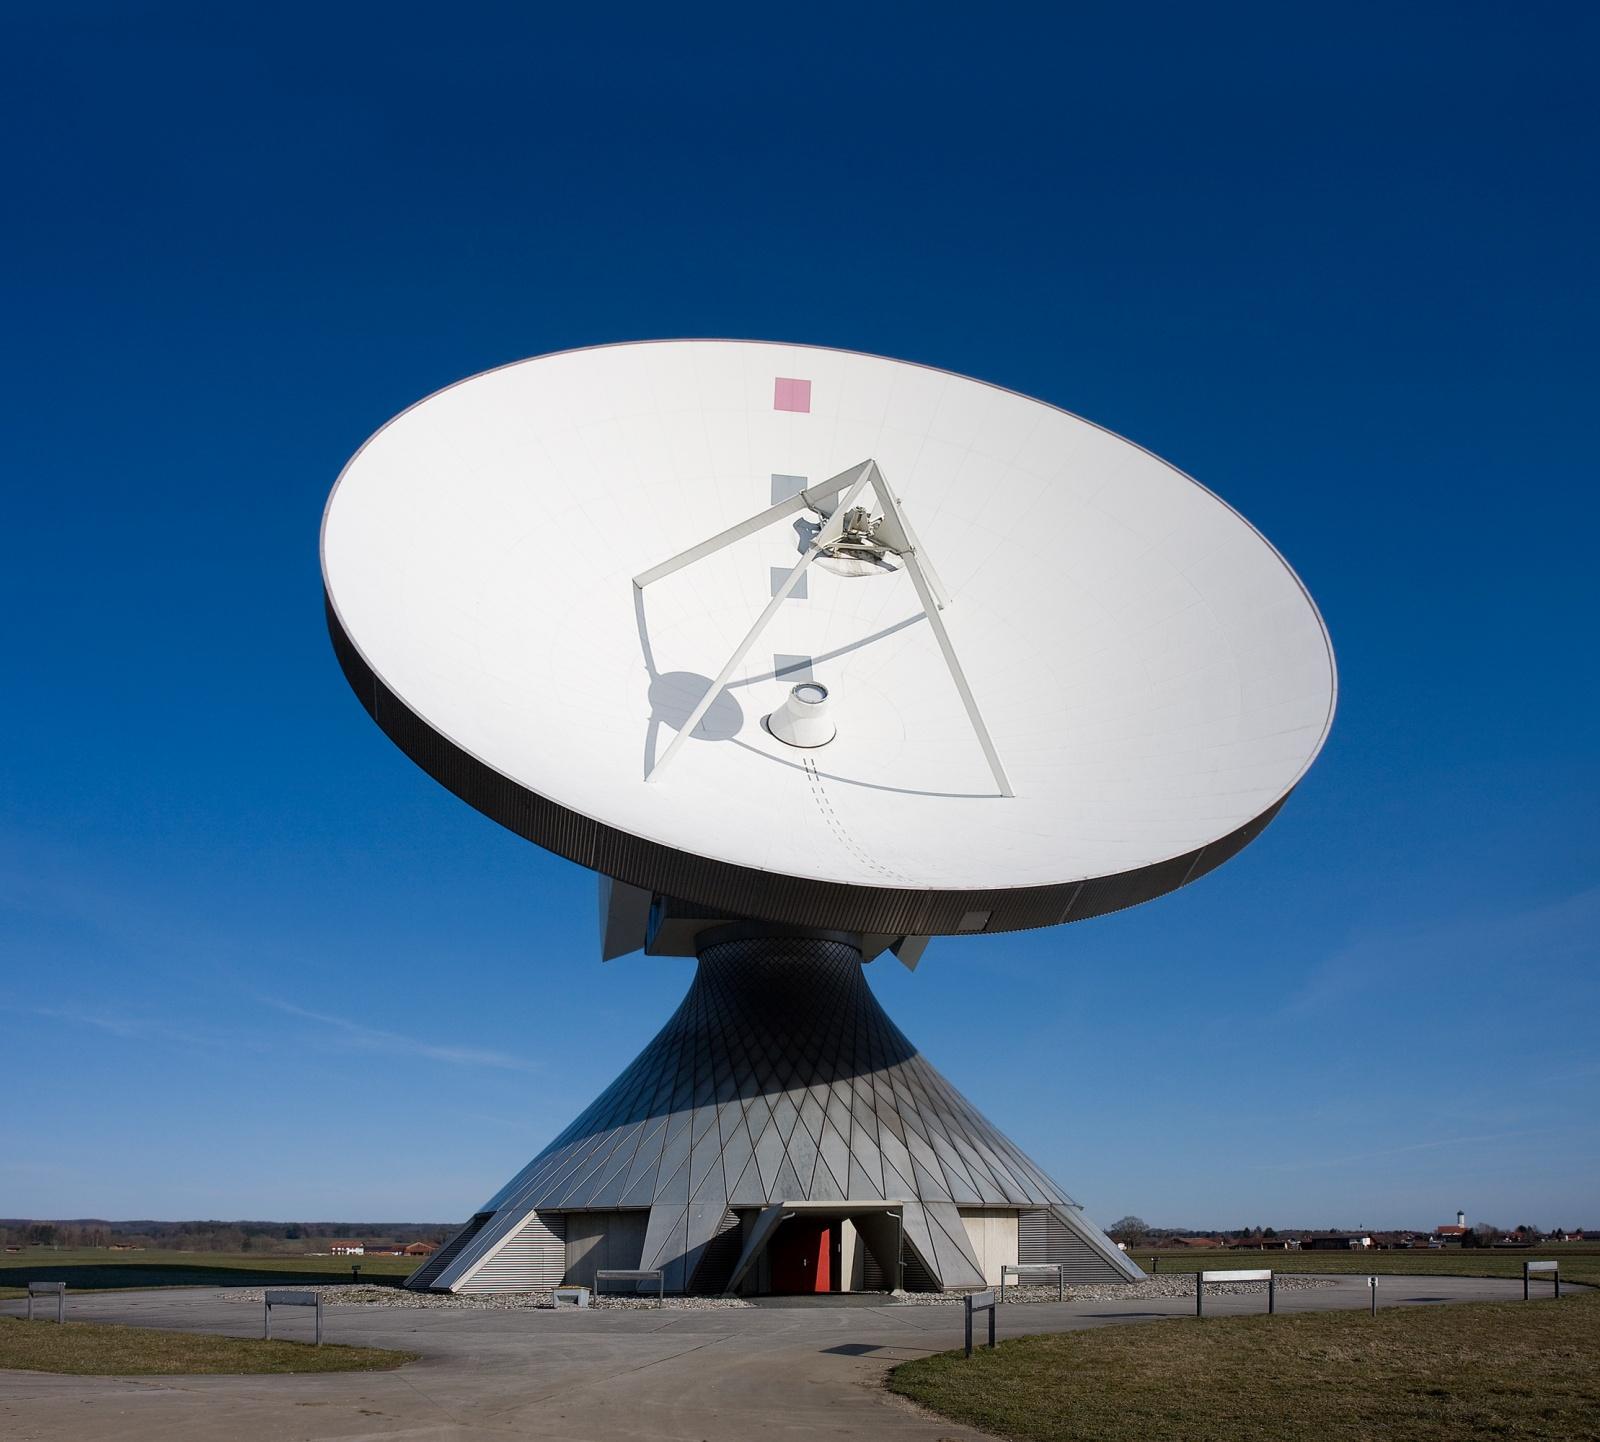 Целимся и общаемся со спутниками: Часть первая — целимся программно - 9